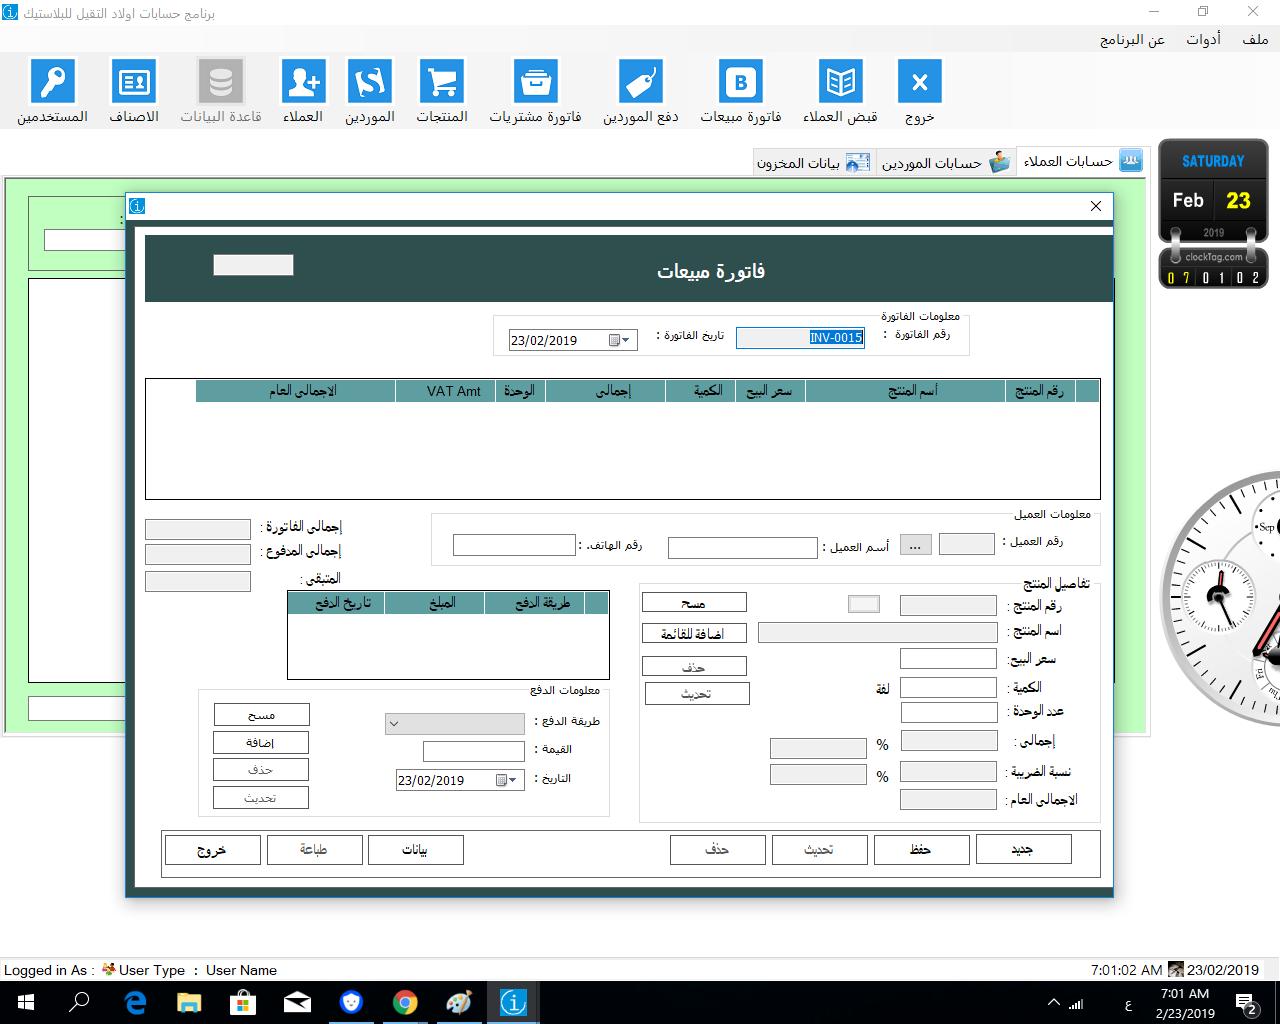 نظام مبيعات ومخازن Sales and Inventory System بالفجوال بيسك دوت نت مفتوح المصدر 471328284